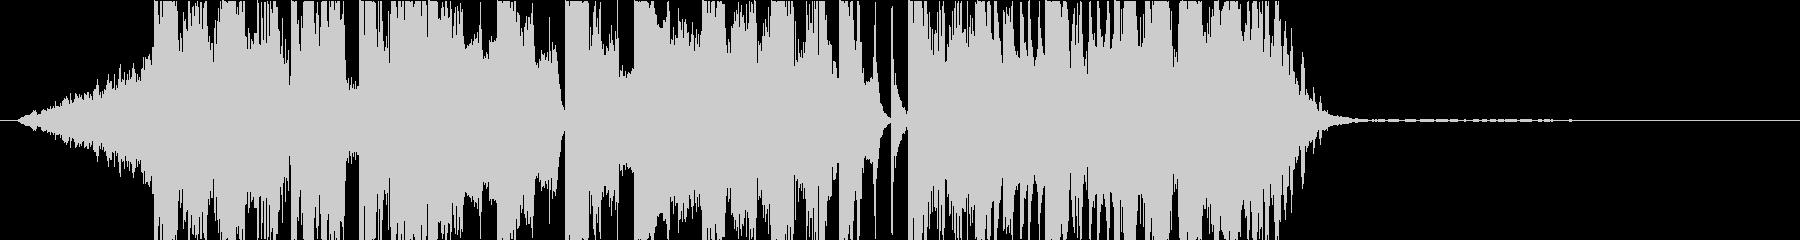 DUBSTEP クール ジングル159の未再生の波形